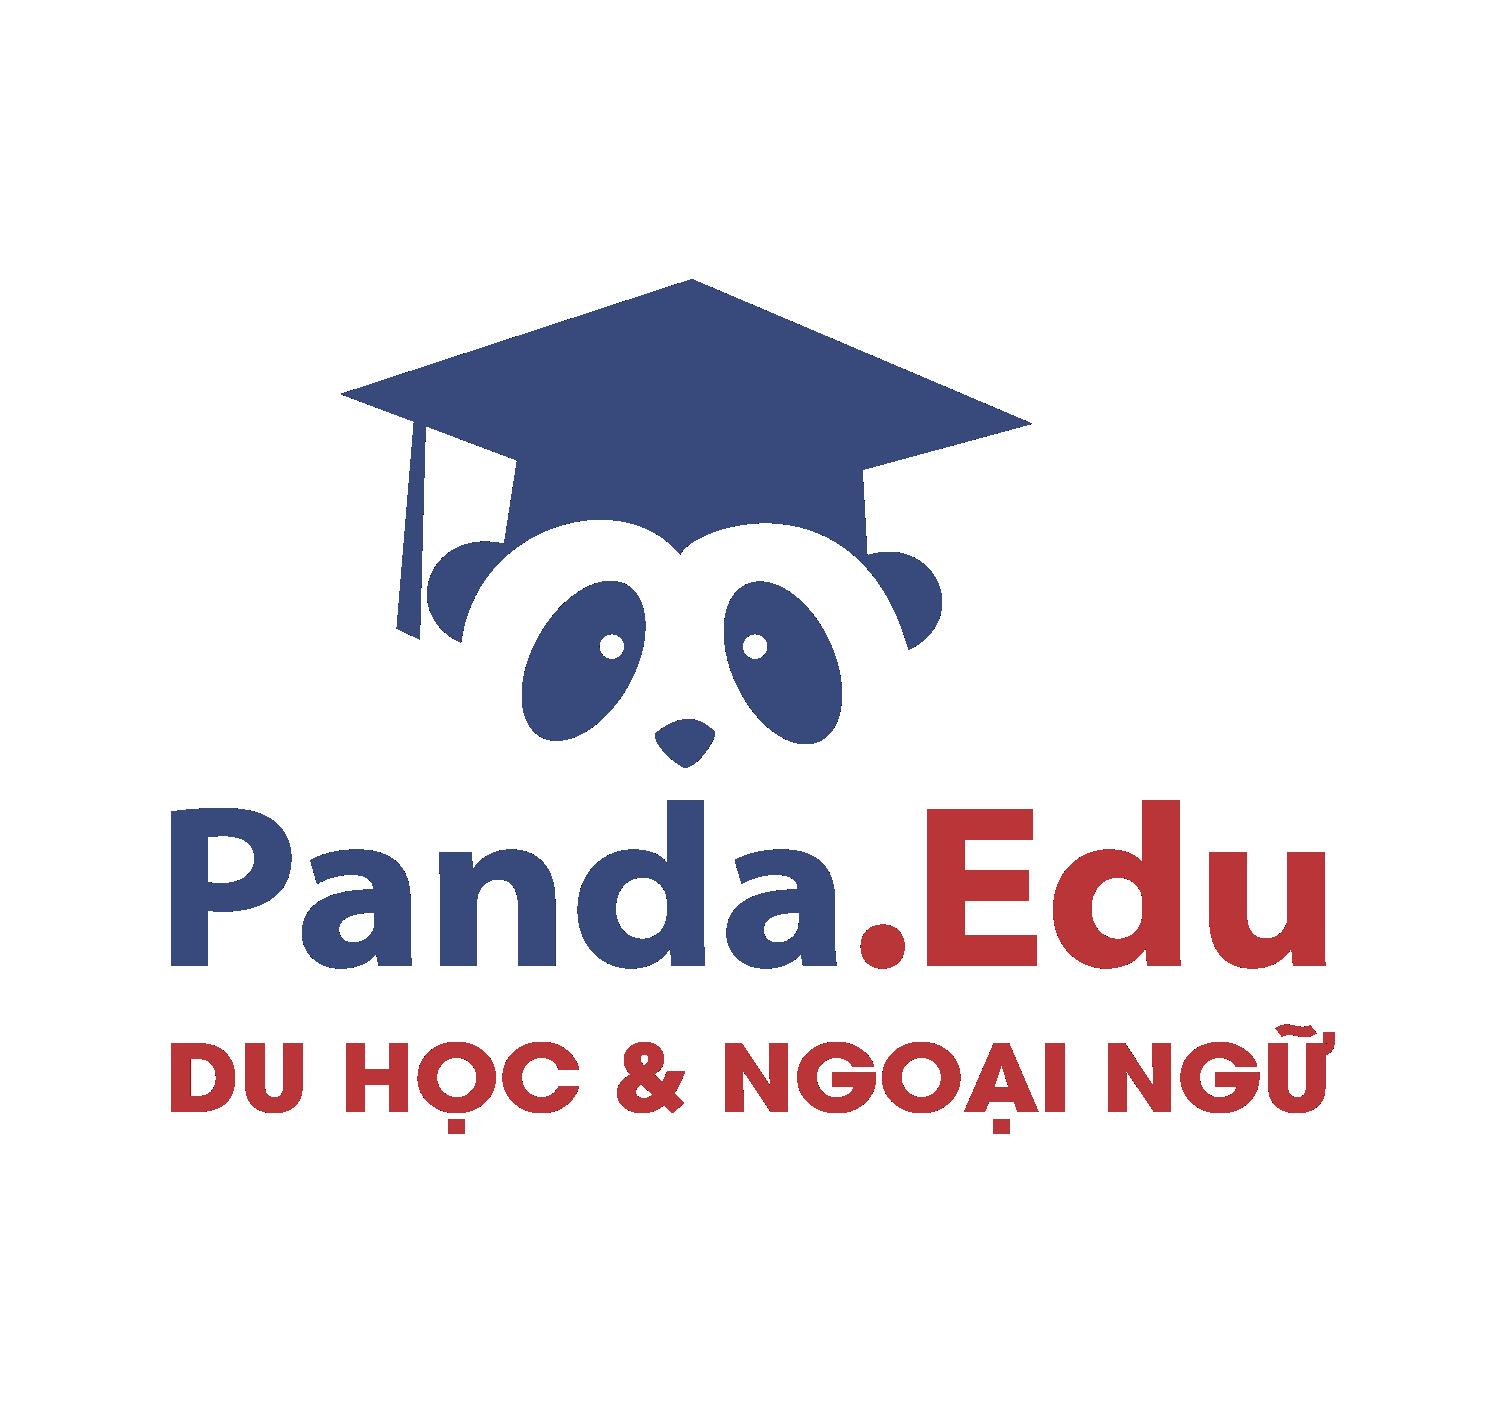 PANDA EDU - Công ty tư vấn du học & đào tạo hàng đầu Việt Nam